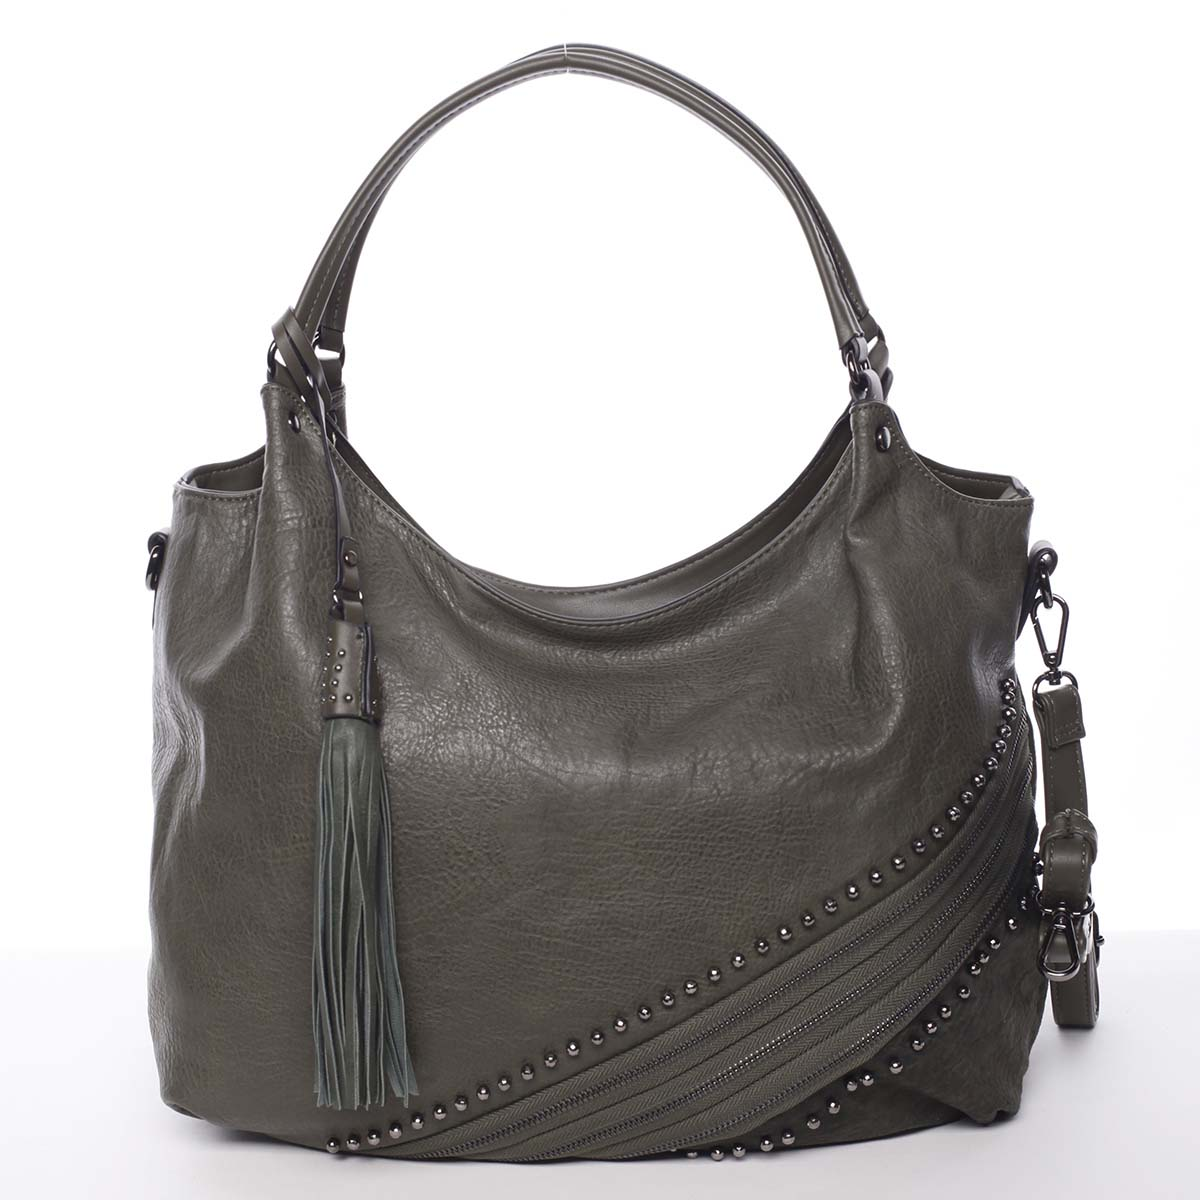 Originální dámská kabelka přes rameno tmavě zelená - MARIA C Xanthia